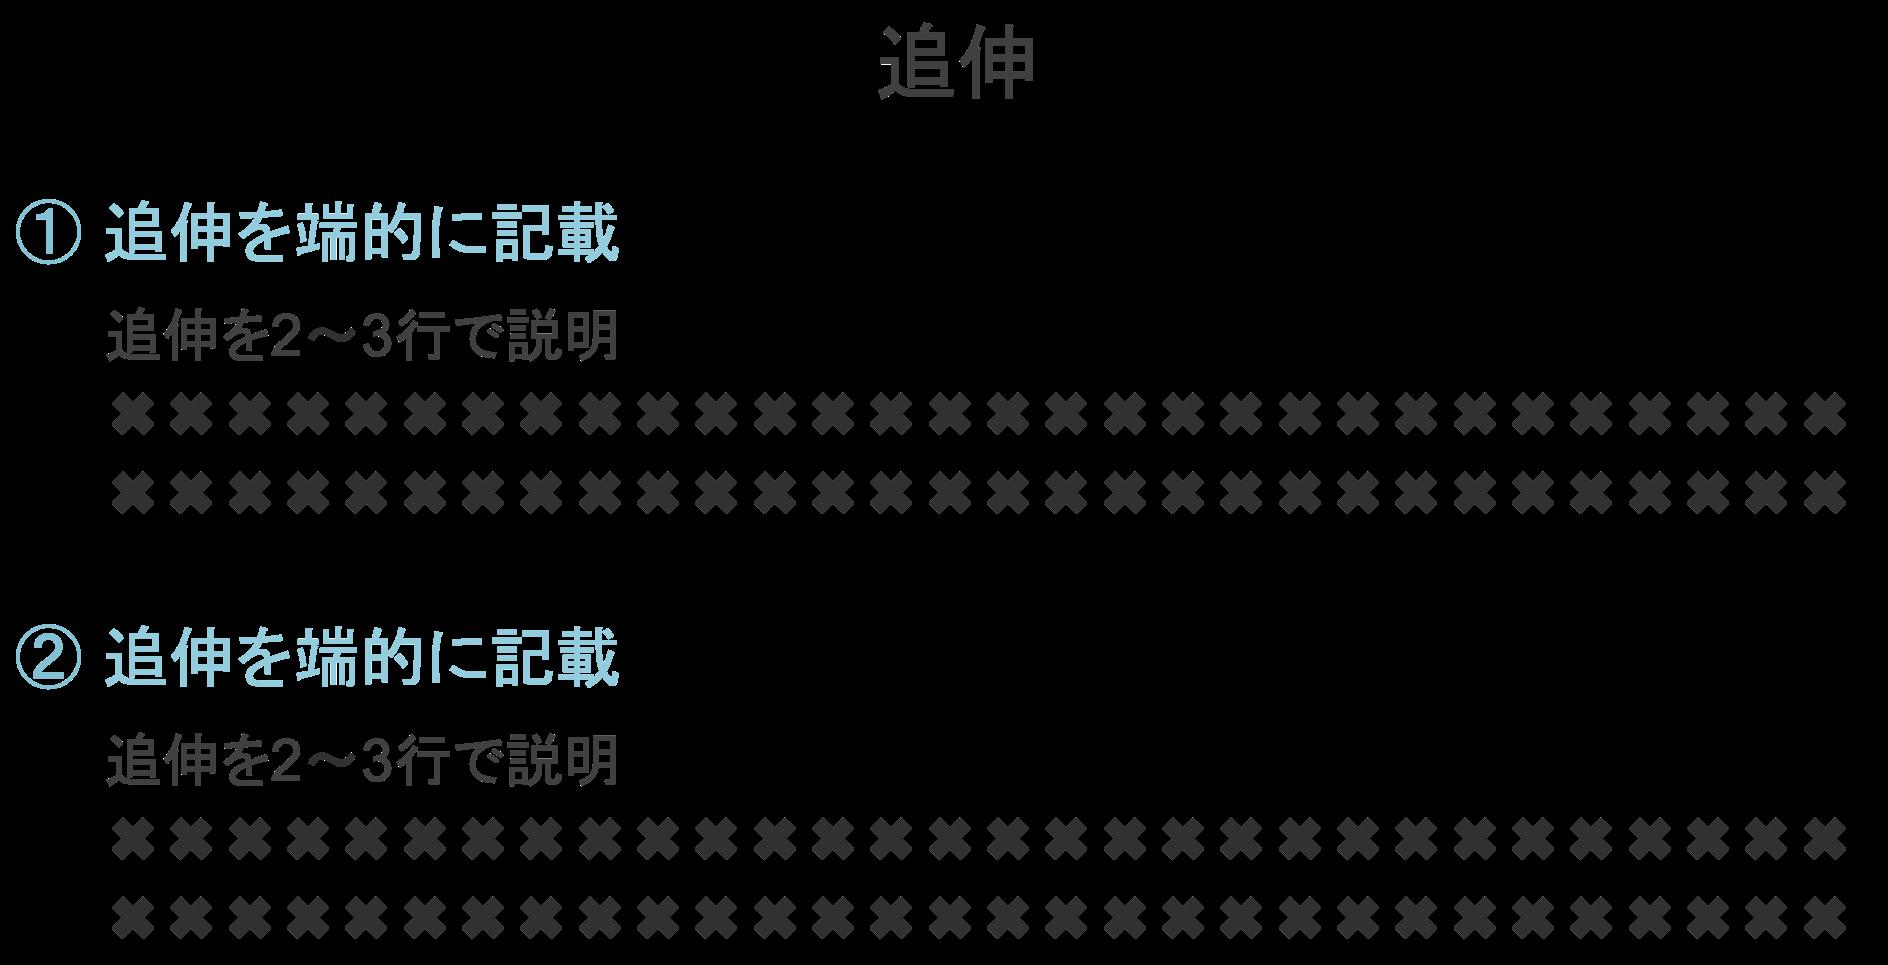 ランディングページ(LP)の構成要素「追伸」の具体例